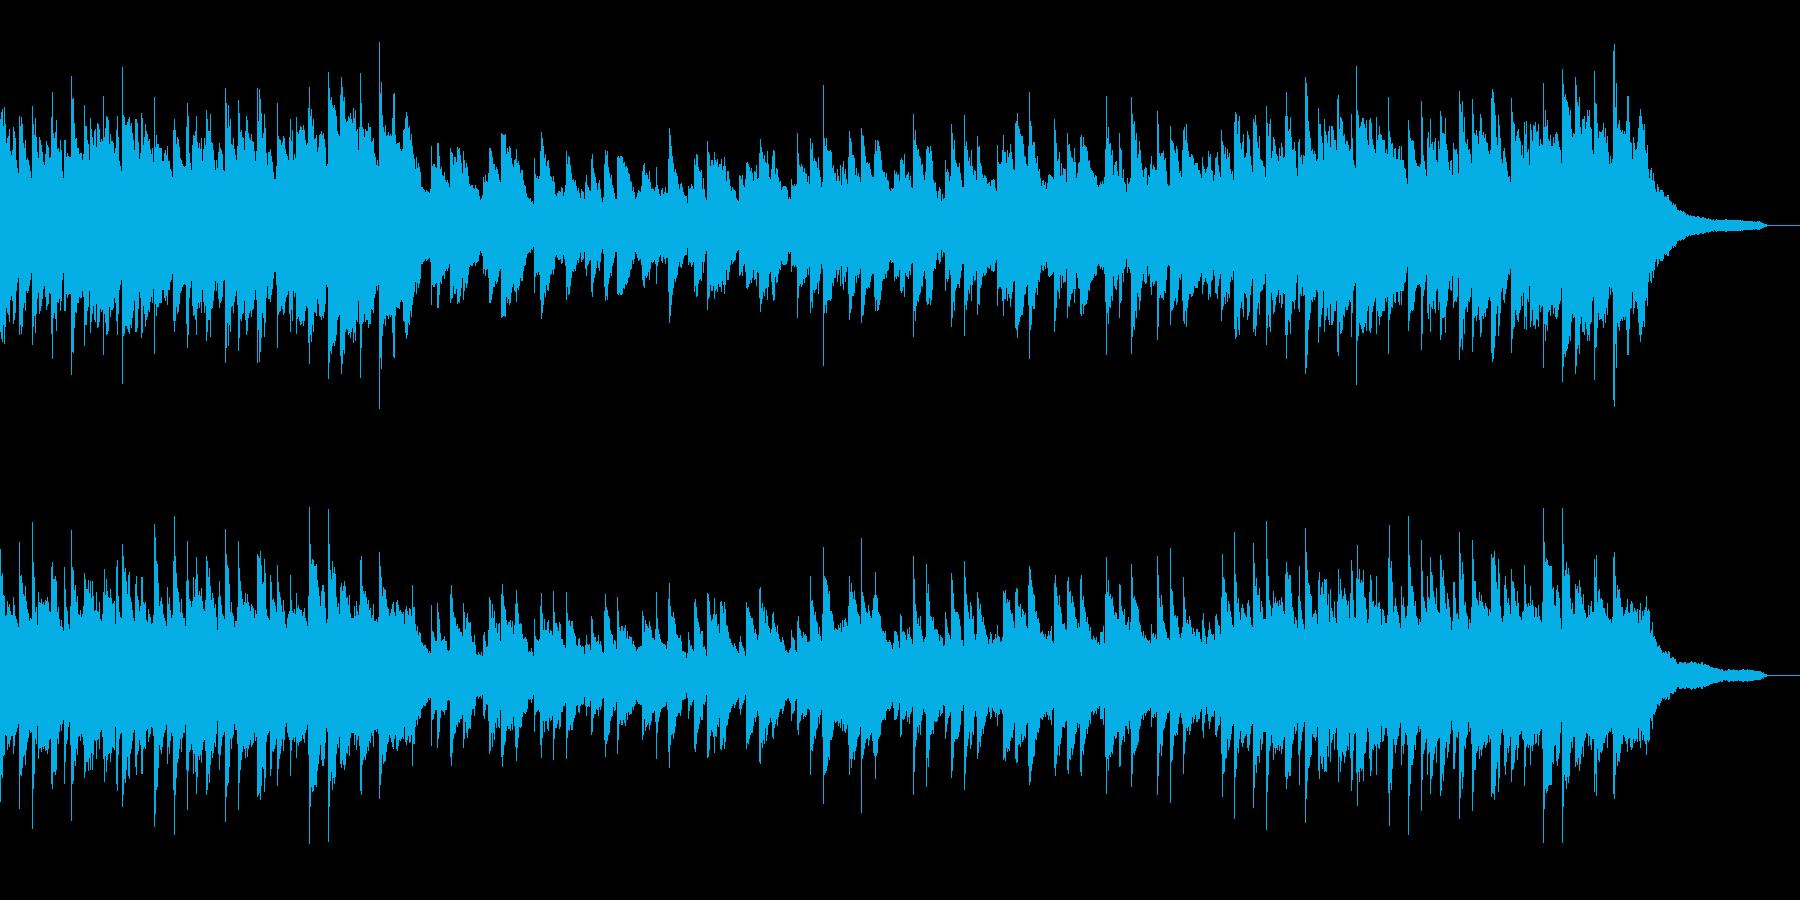 アップ~スローテンポの美しいピアノソロの再生済みの波形